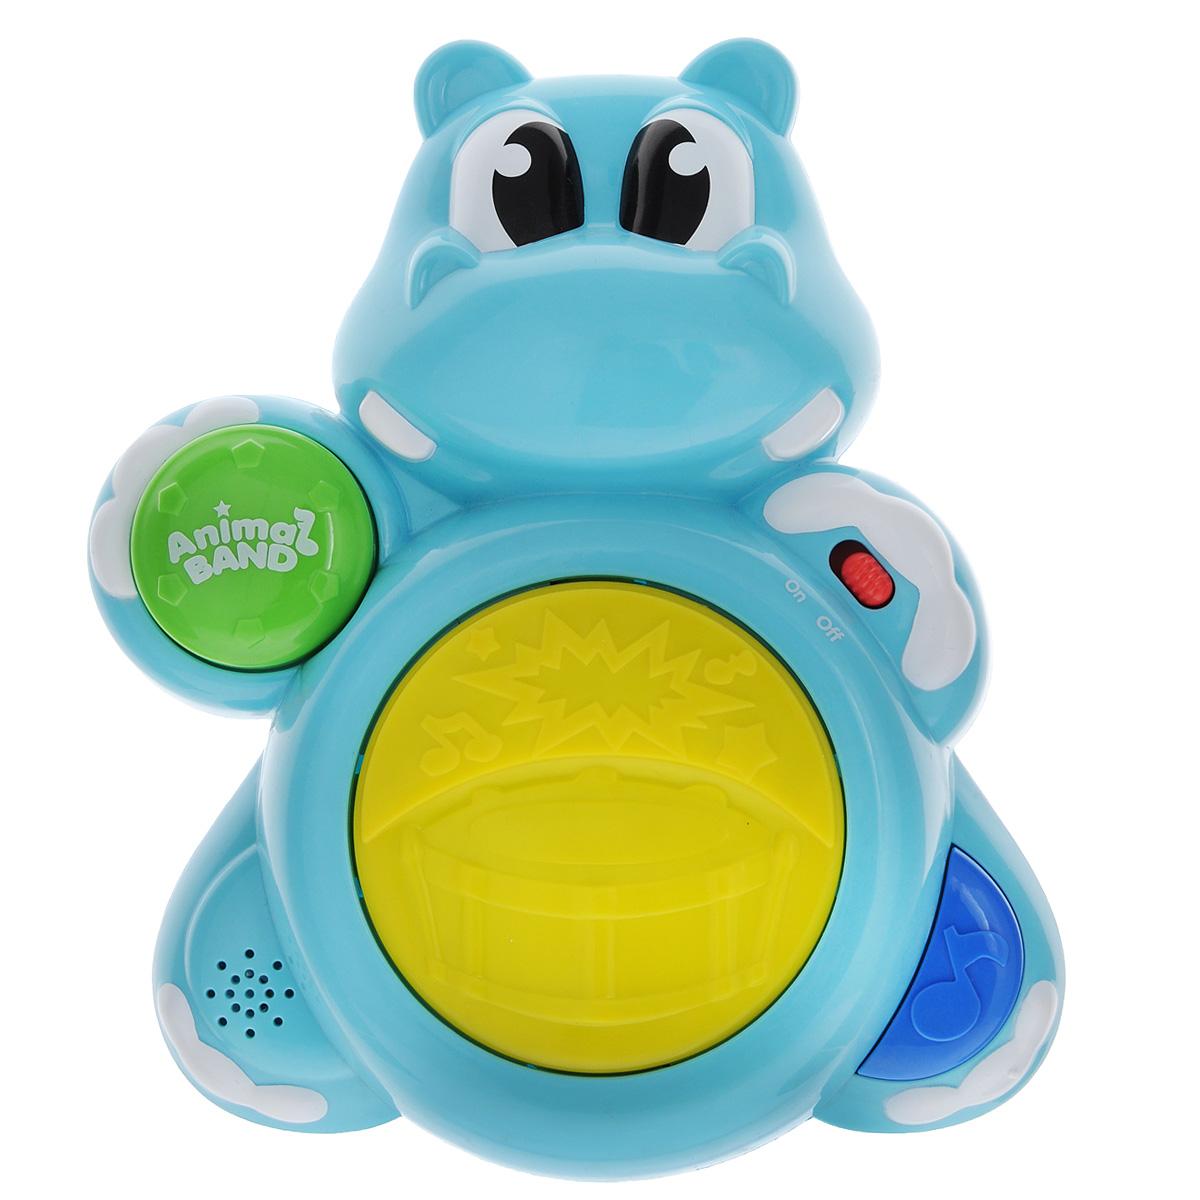 Музыкальная игрушка Keenway Бегемотик-барабанщик31964Музыкальная игрушка Keenway Бегемотик-барабанщик прекрасно подойдет для развития вашего малыша. Игрушка выполнена из высококачественного, безопасного для детей пластика с гипоаллергенными красителями. При включении игрушки раздается радостное звуковое приветствие. При нажатии правой кнопки играют веселые мелодии, а кнопка на левой лапке бегемотика отвечает за звучание ударных инструментов. При этом включаются лампочки, которые мигают при проигрывании музыки. Этот веселый бегемотик поможет развить звуковое восприятие малыша, а также мелкую моторику рук. Рекомендуется докупить 3 батарейки напряжением 1,5 V типа АА (товар комплектуется демонстрационными).